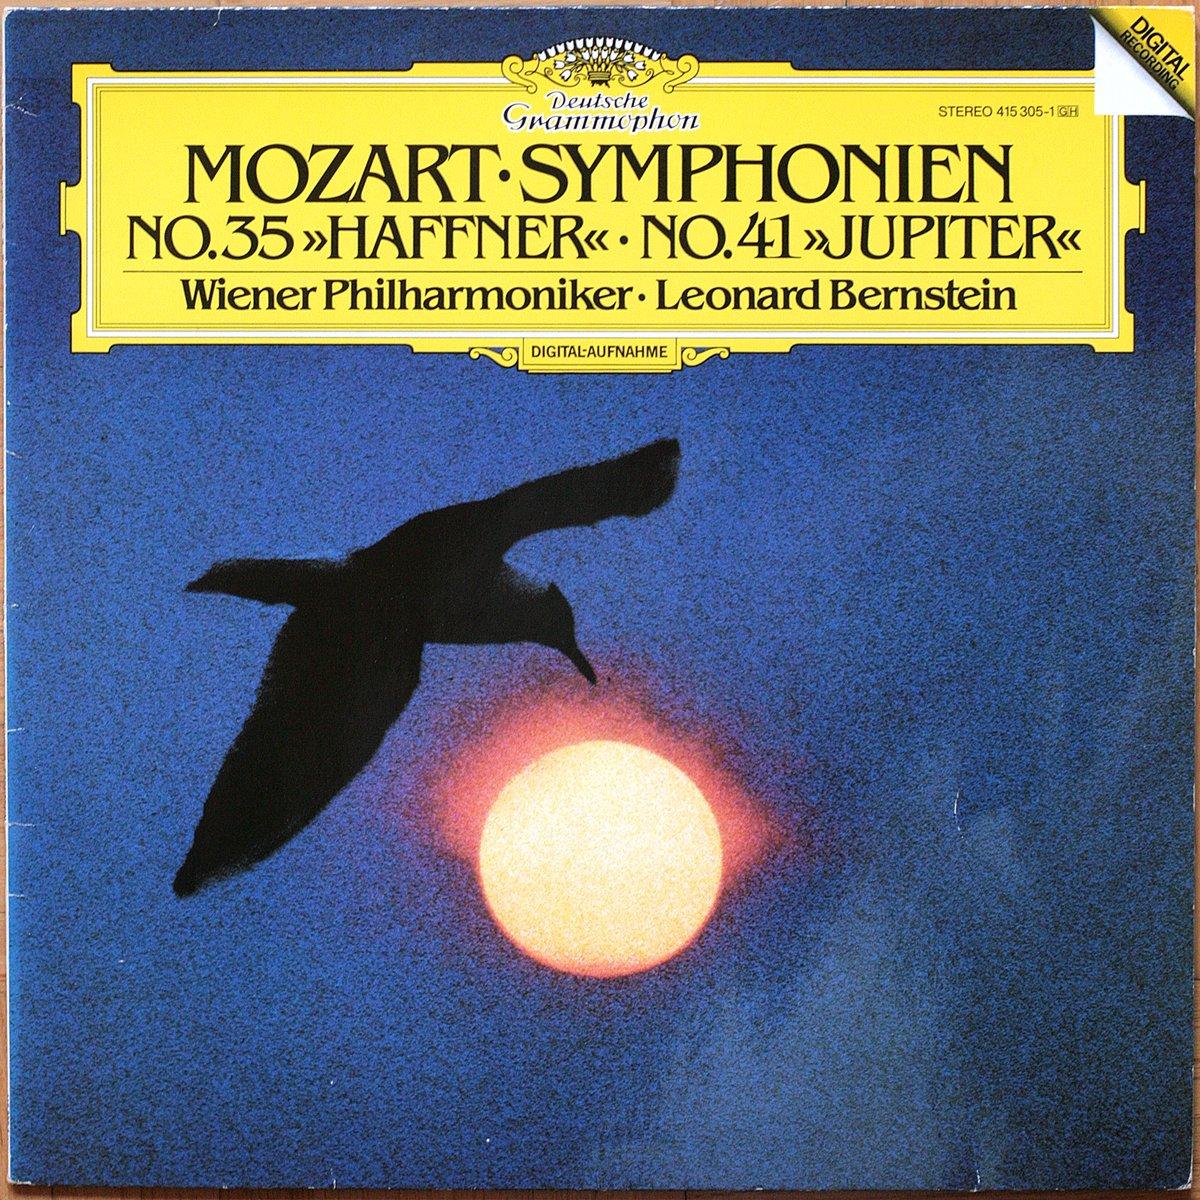 DGG 415 315 Mozart Symphonie 35 41 Bernstein DGG Digital Aufnahme